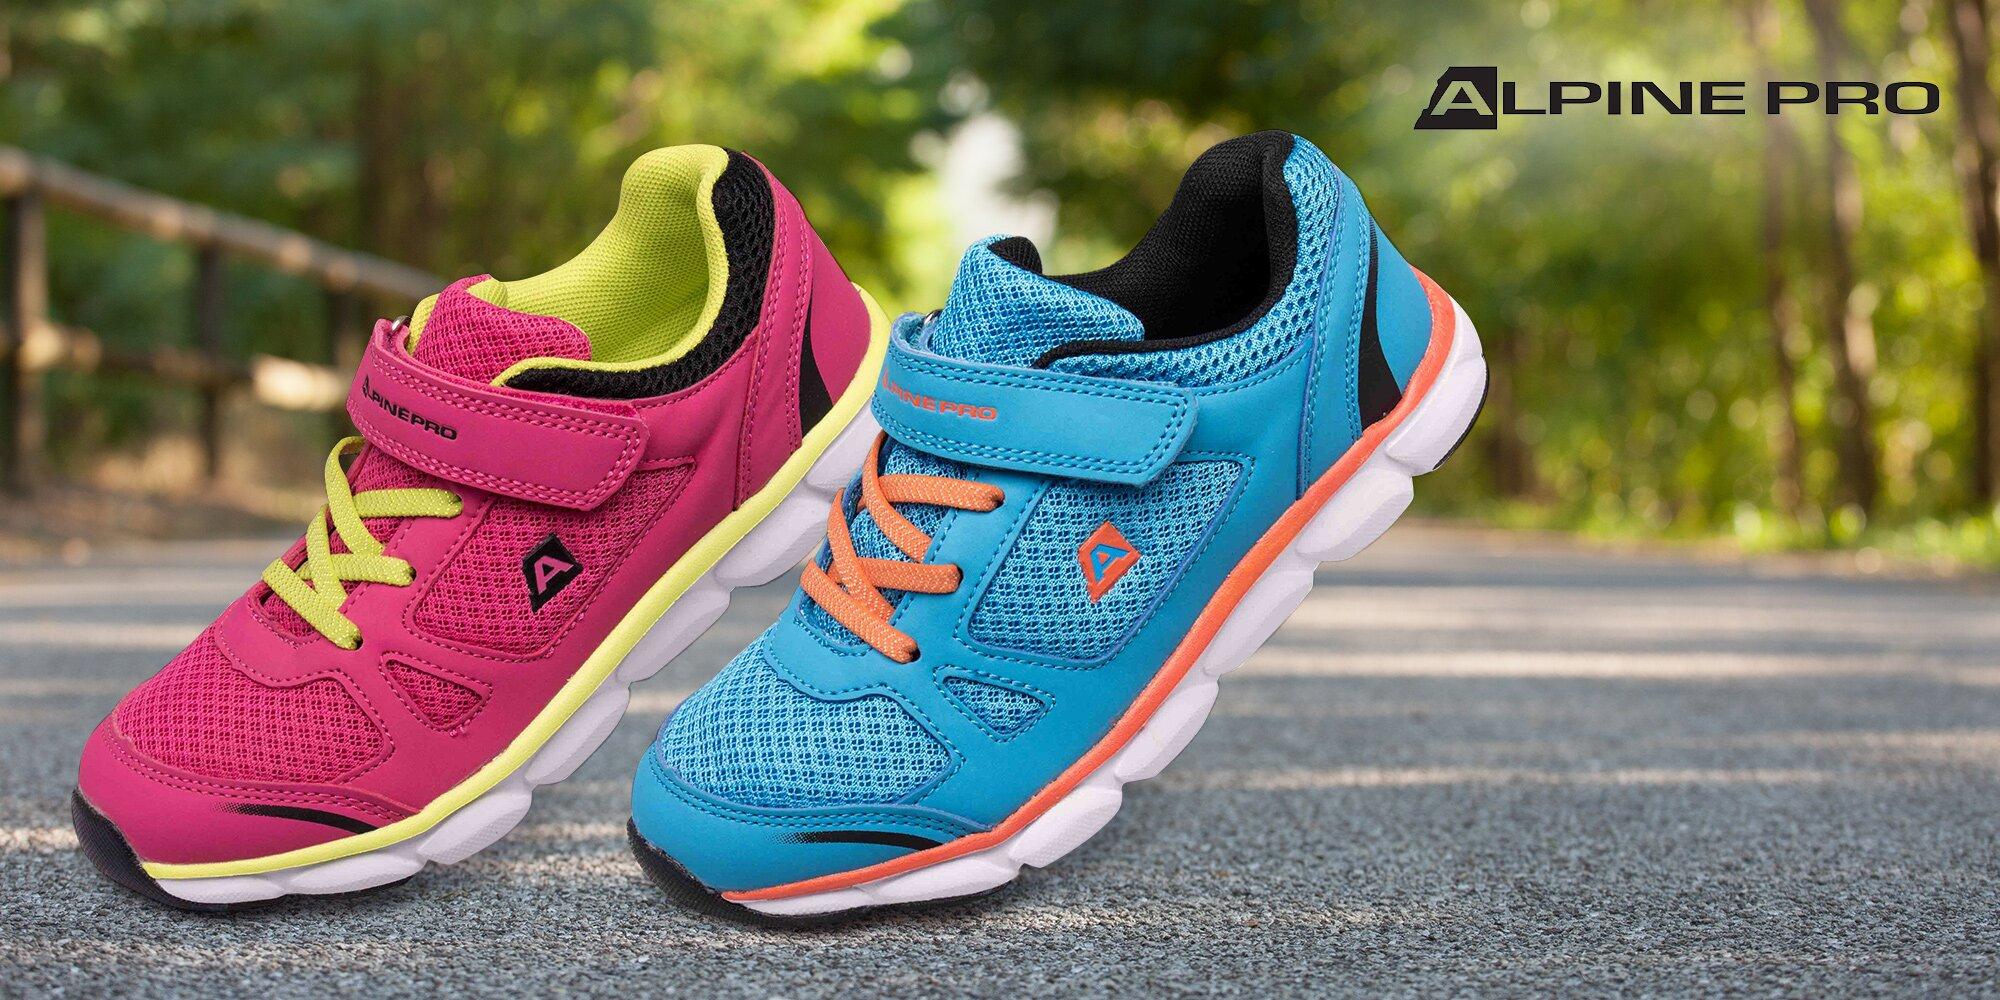 6ef64332205 Dětská odlehčená obuv Alpine Pro  růžová a modrá